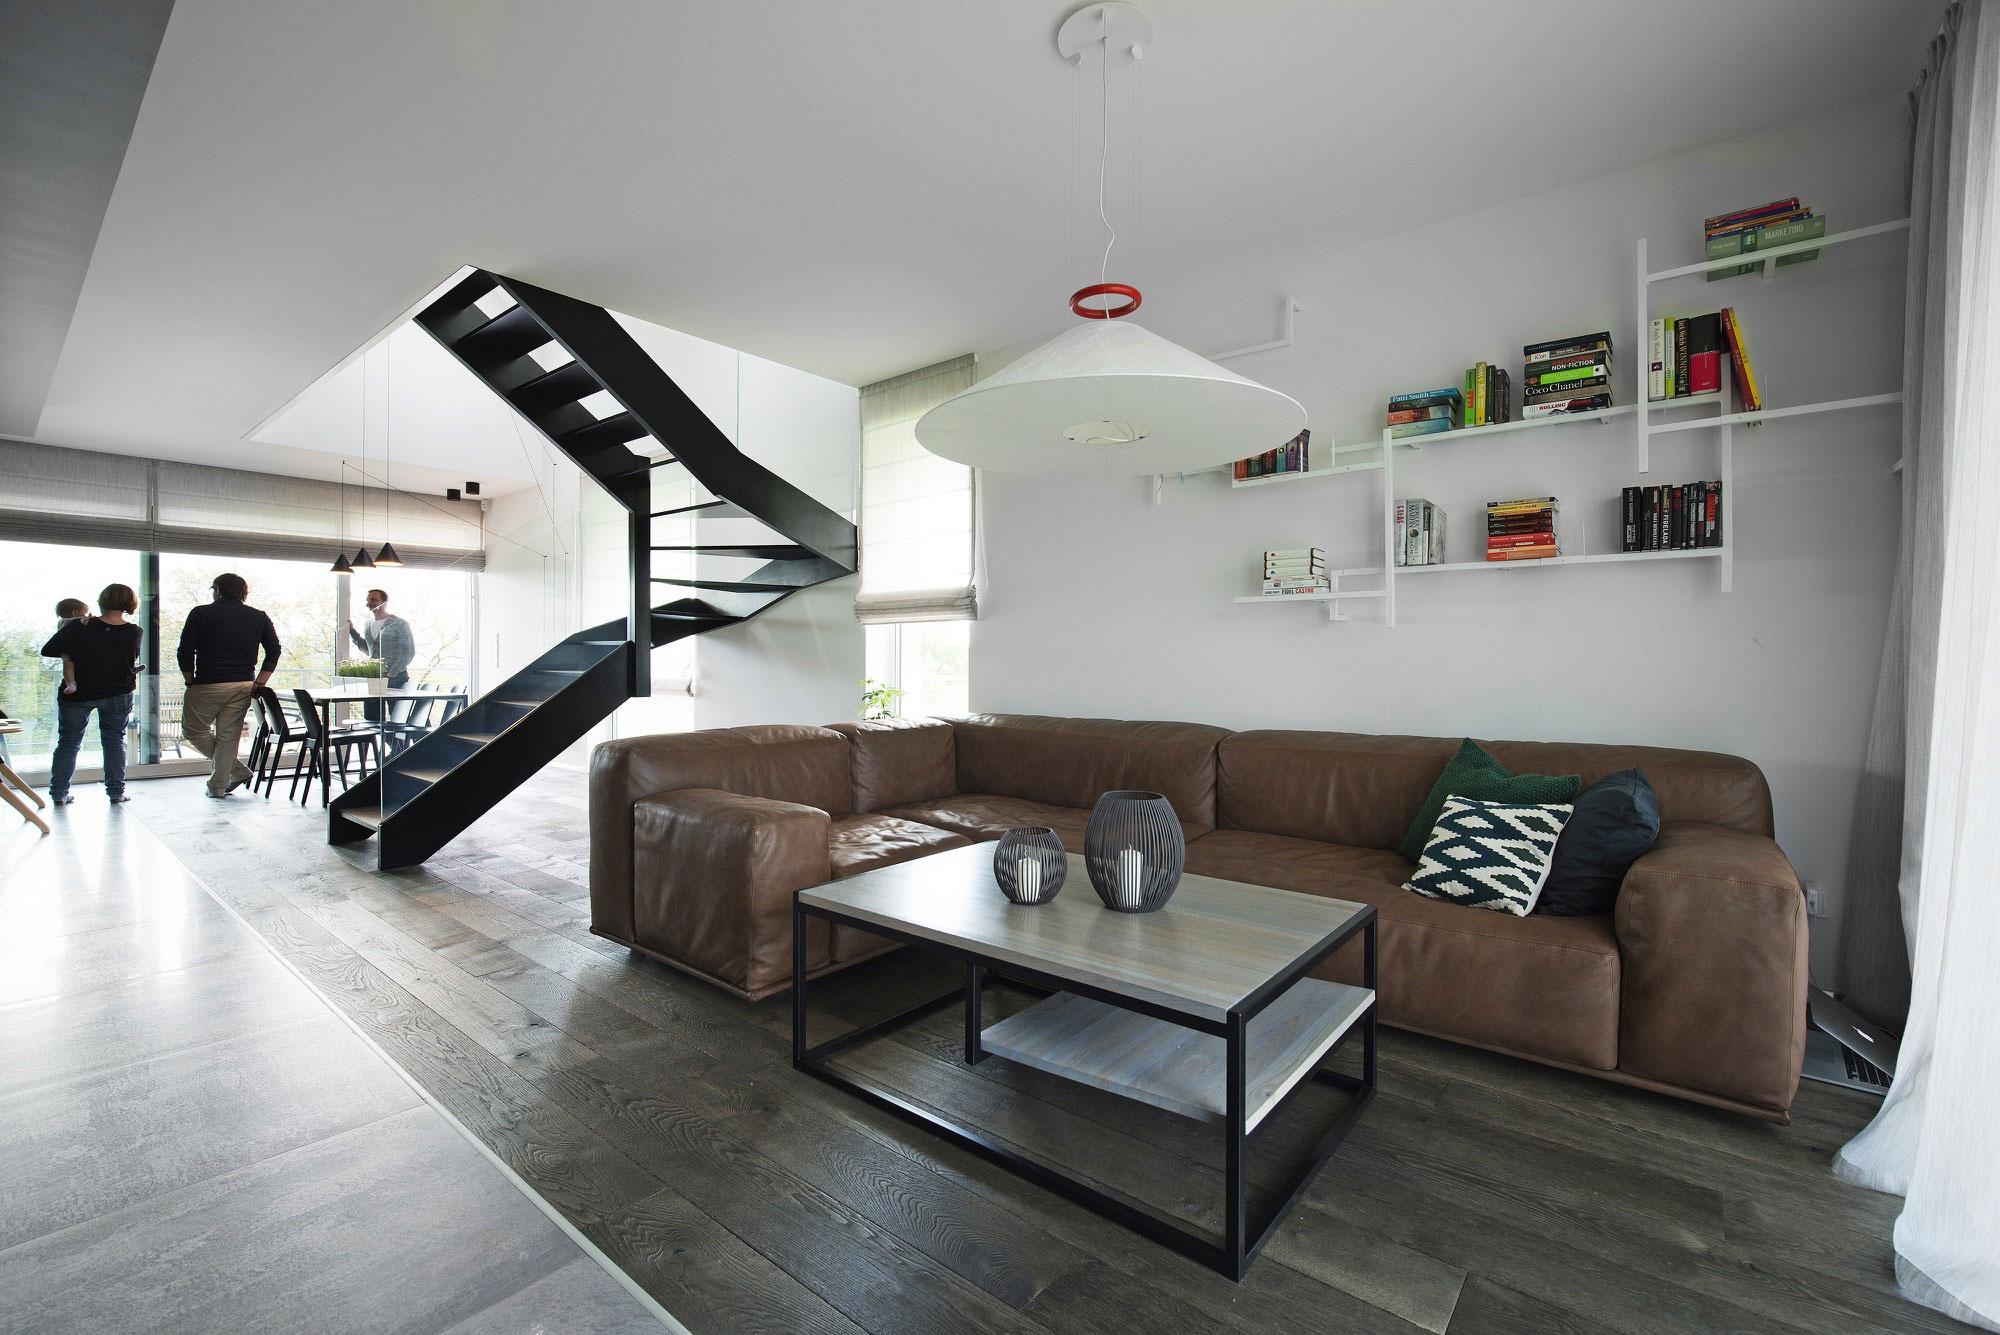 Zvonku tradičná šindľová chalupa, vnútri ohromujúci nadčasový dizajn!